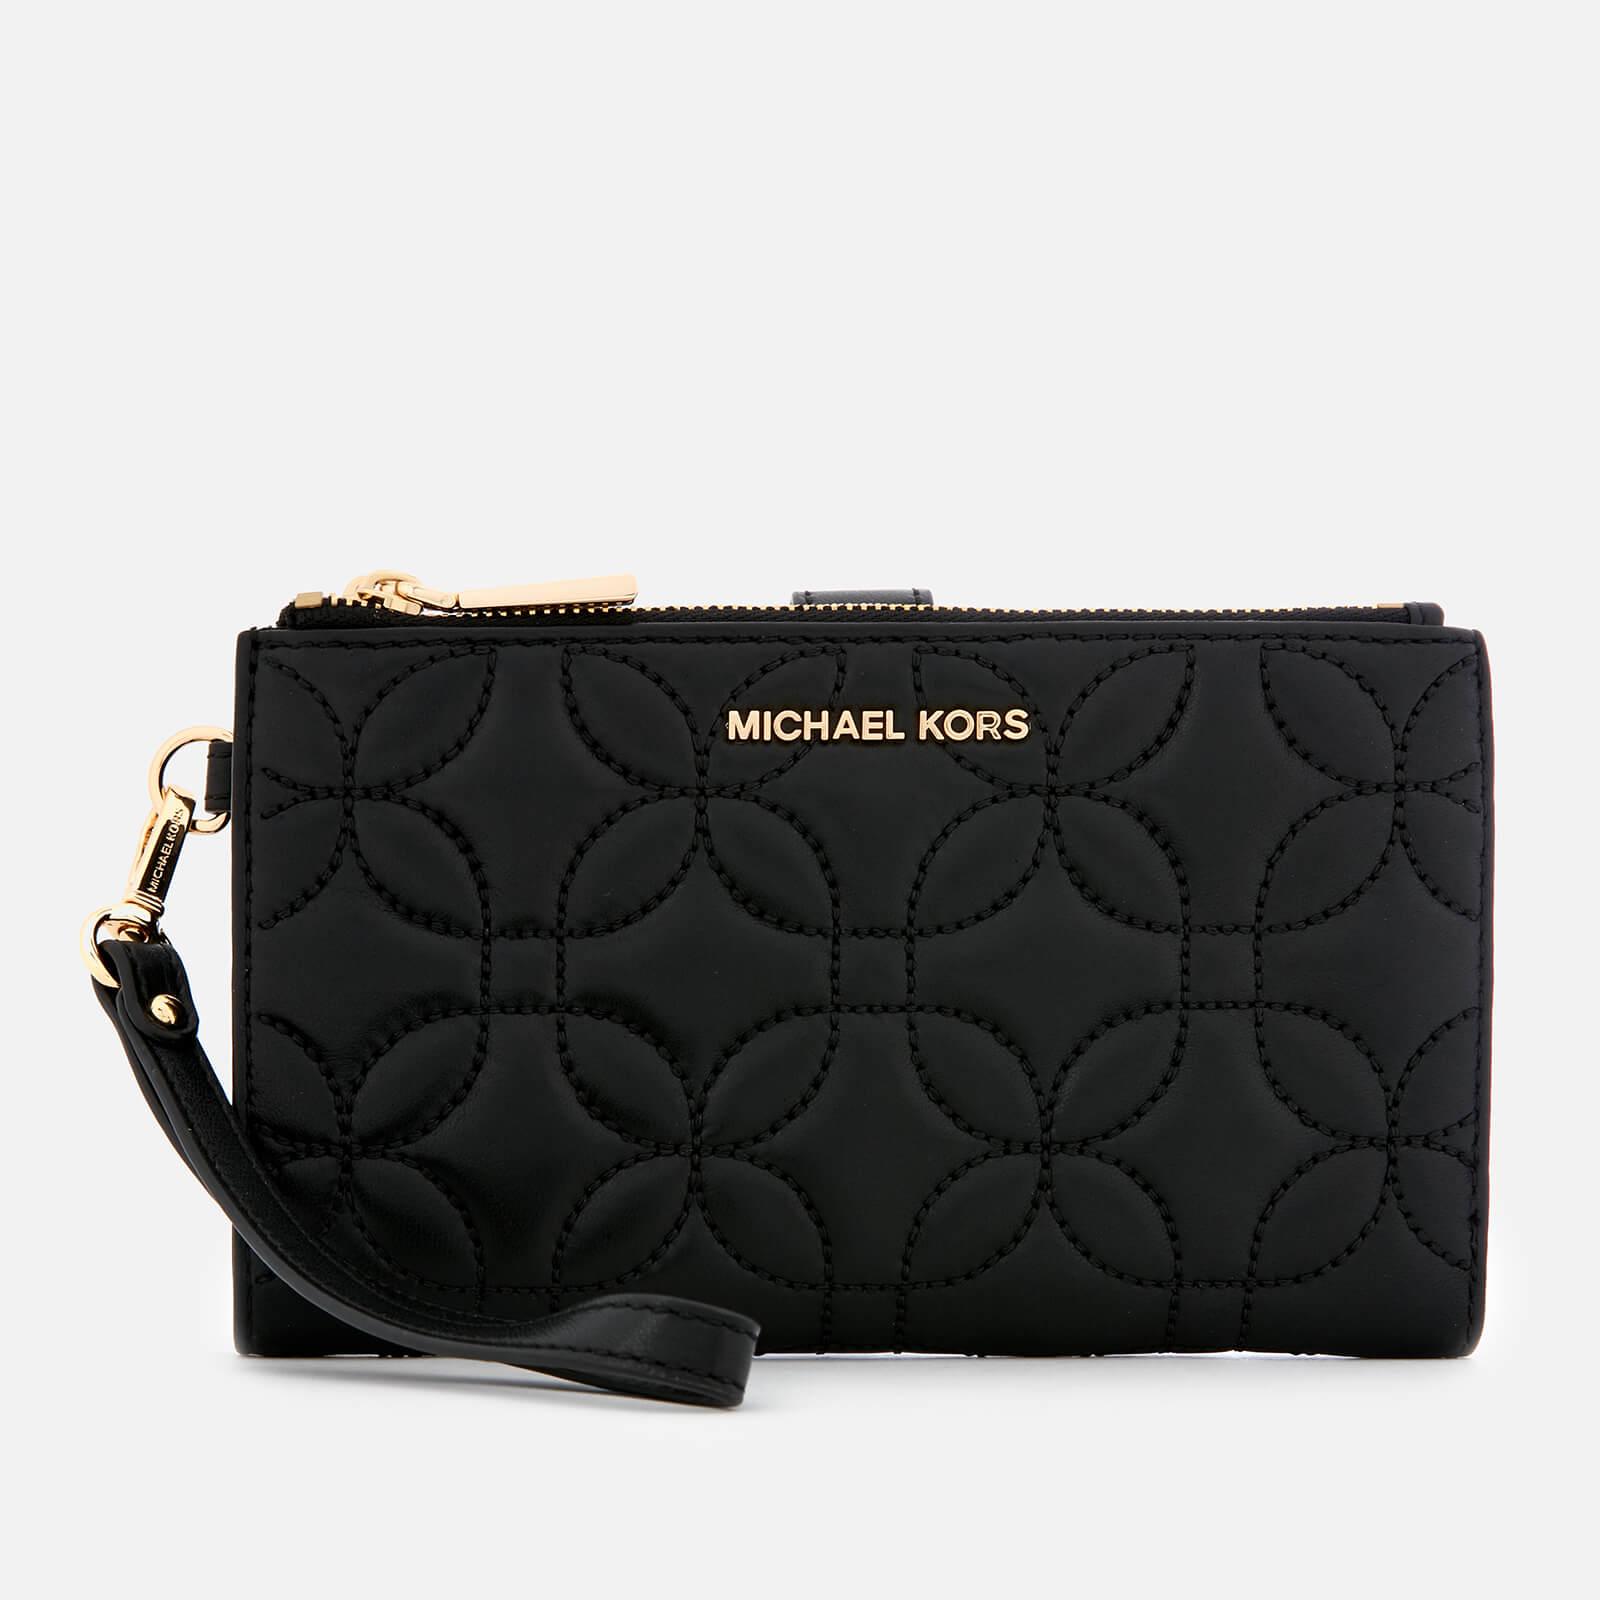 MICHAEL MICHAEL KORS Women's Double Zip Wristlet - Black Fluro